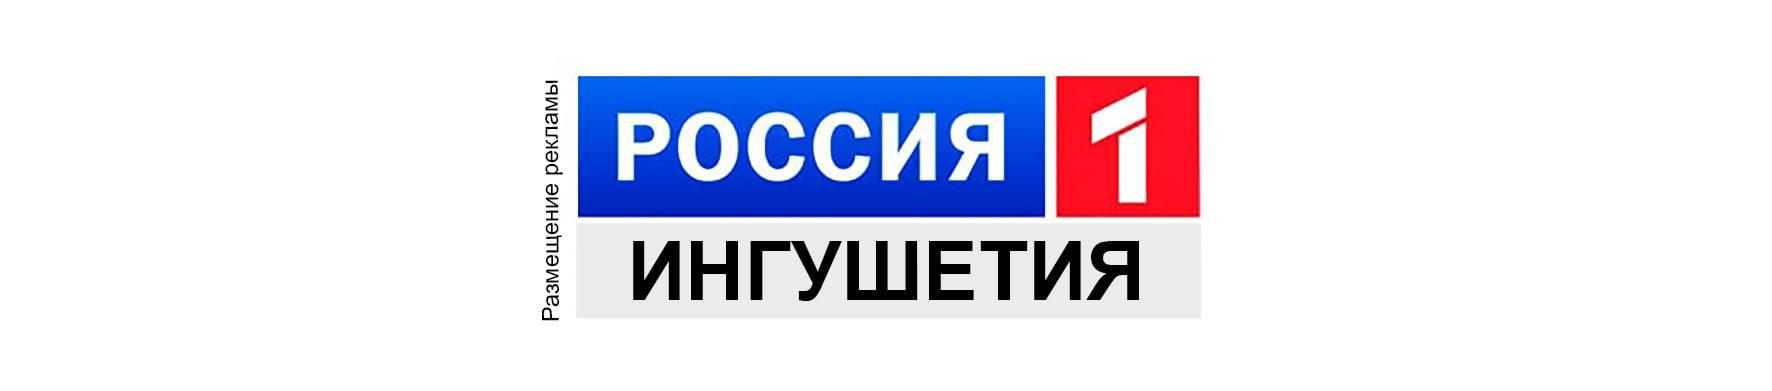 Реклама на телевидении в Республике Ингушетия россия 1